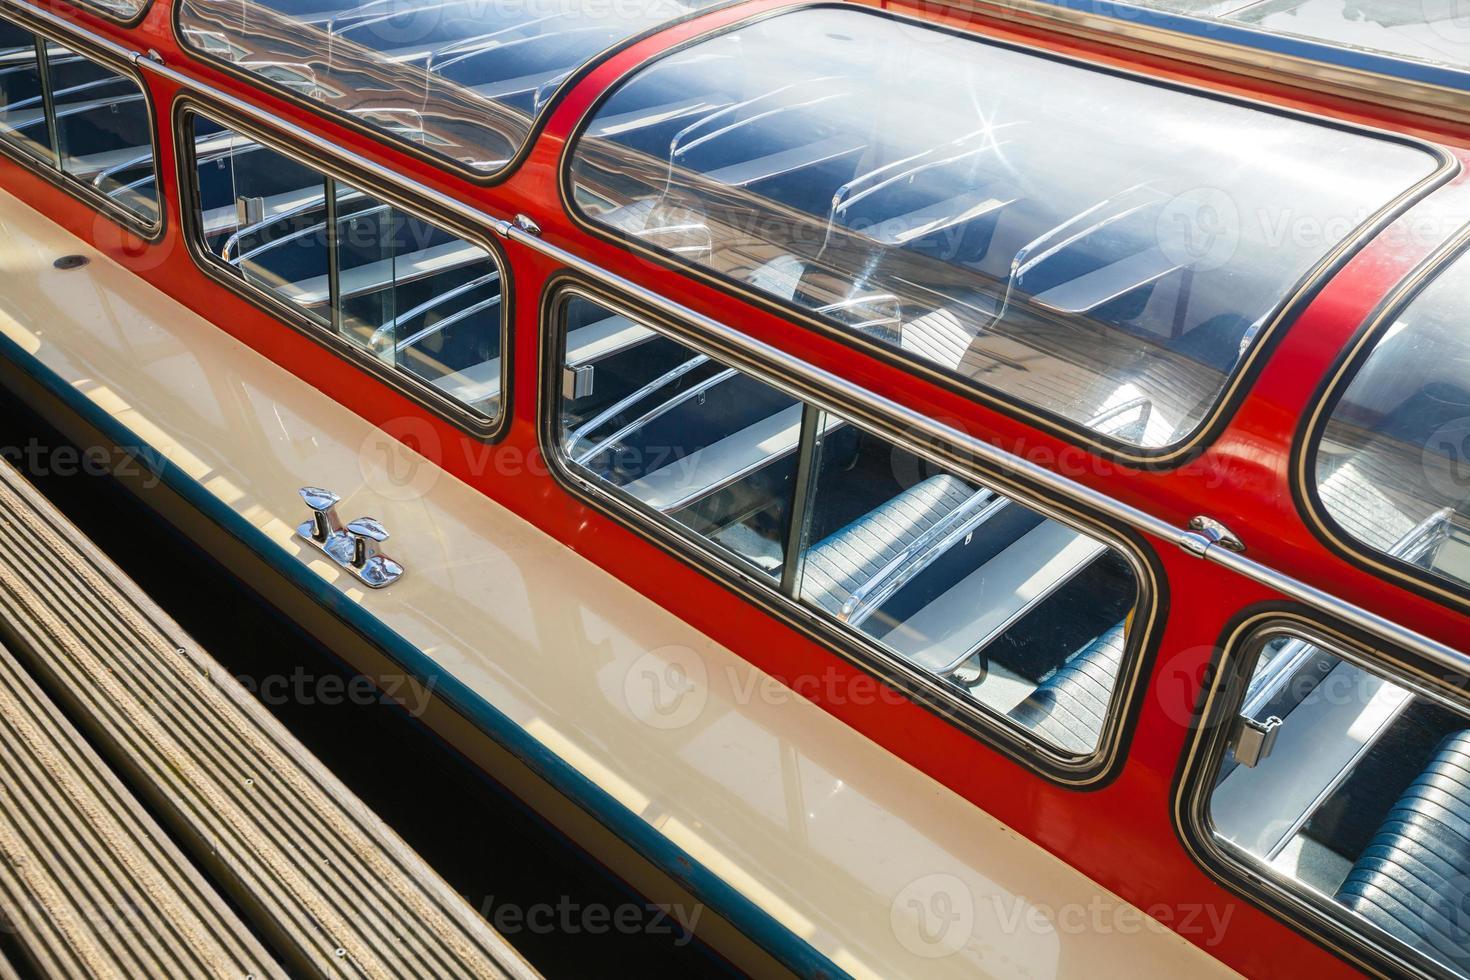 Fragmento de barco de recreo de pasajeros rojo. Amsterdam, reino de los foto